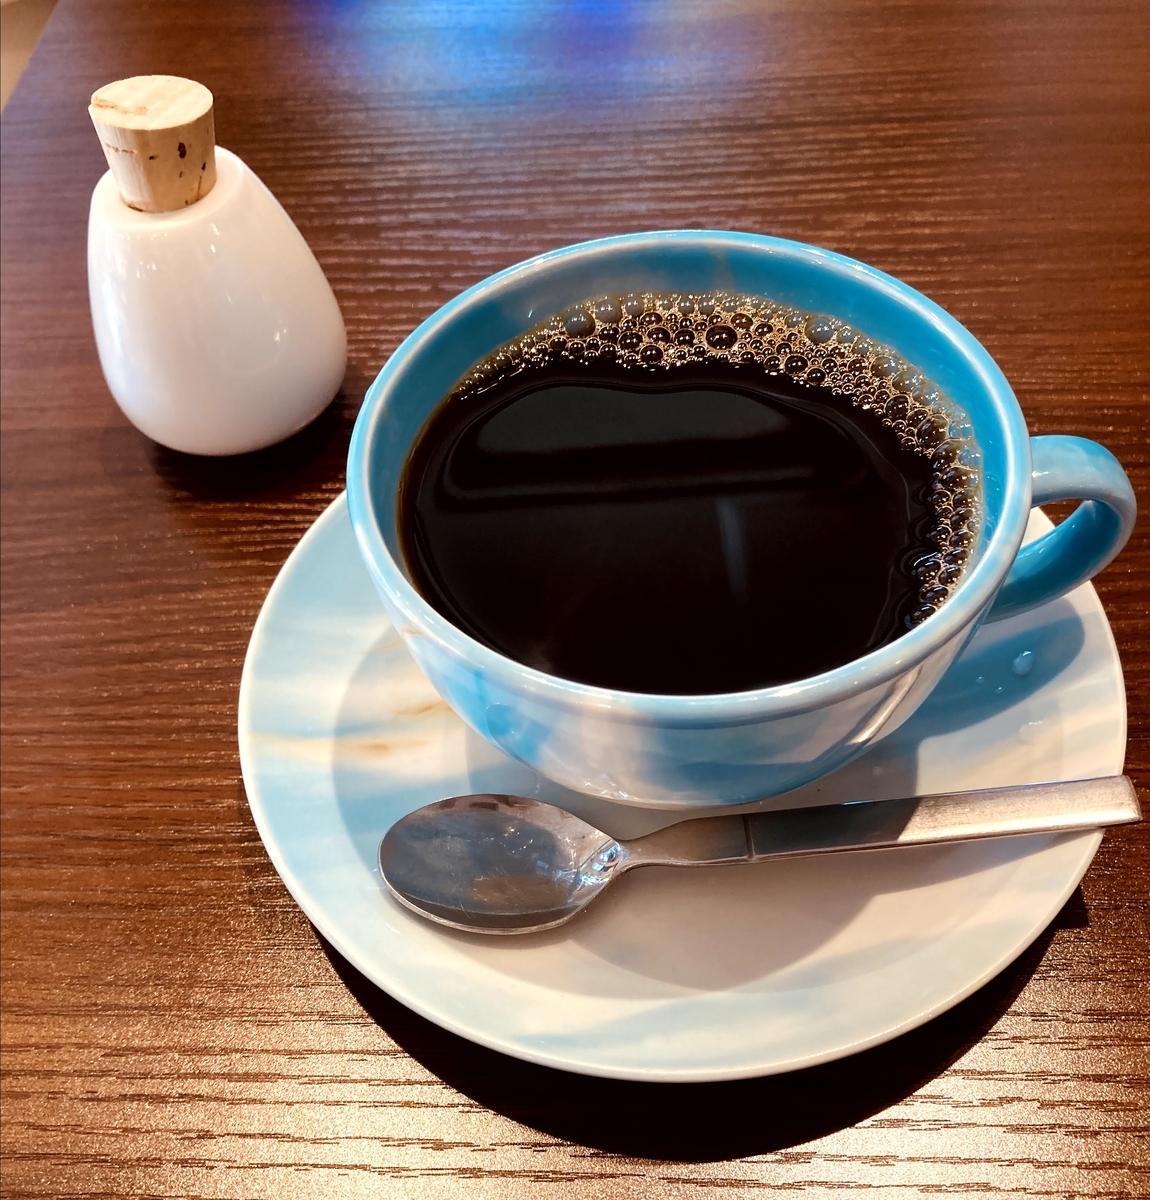 塩コーヒーをカフェで飲んだ感想